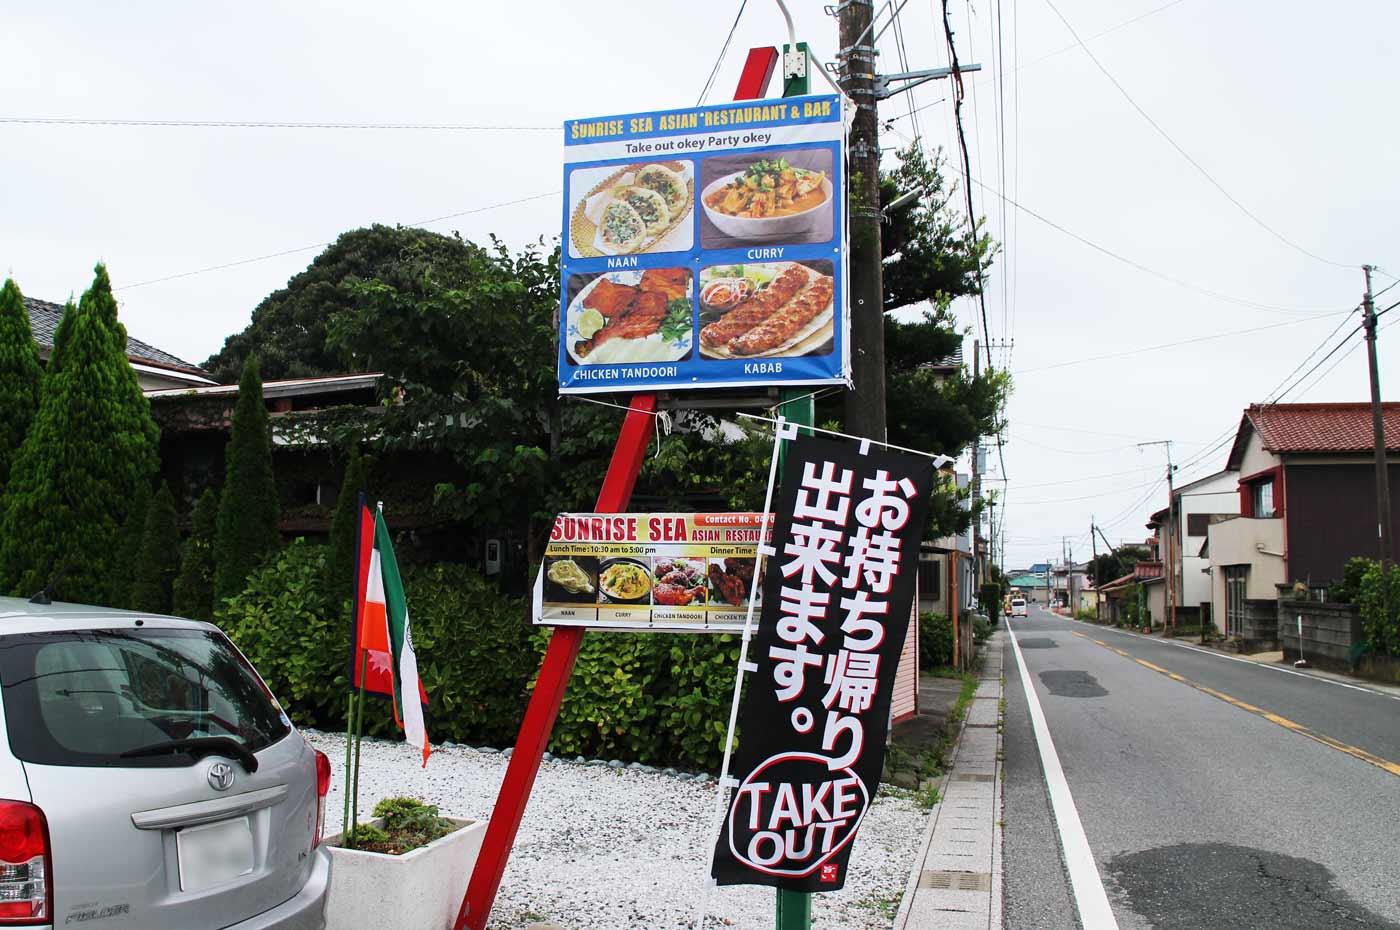 千倉のアジアン料理 サンライズシー